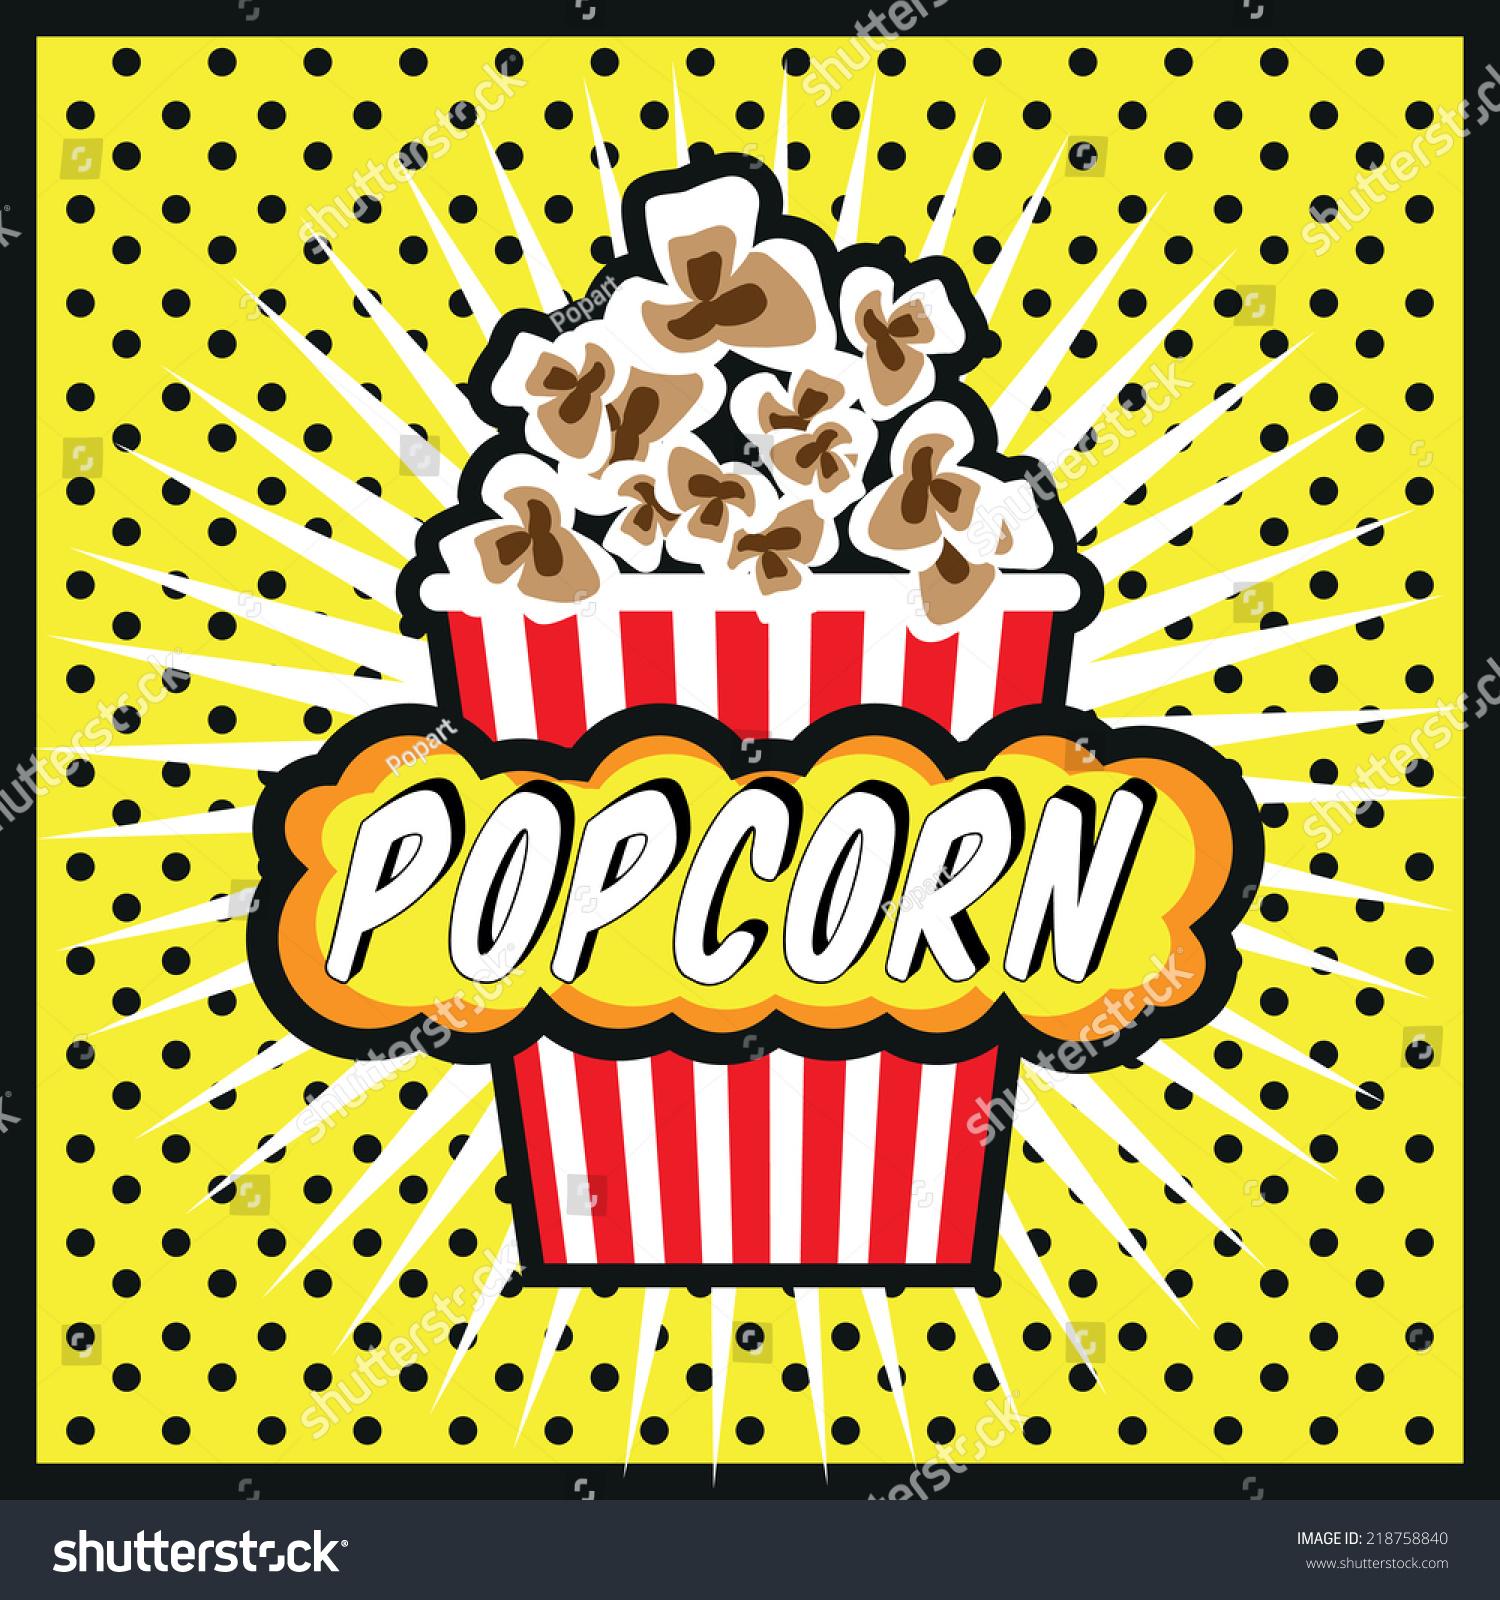 Popcorn Wallpaper: Pop Art Popcorn Design Illustration Popcorn Stock Vector